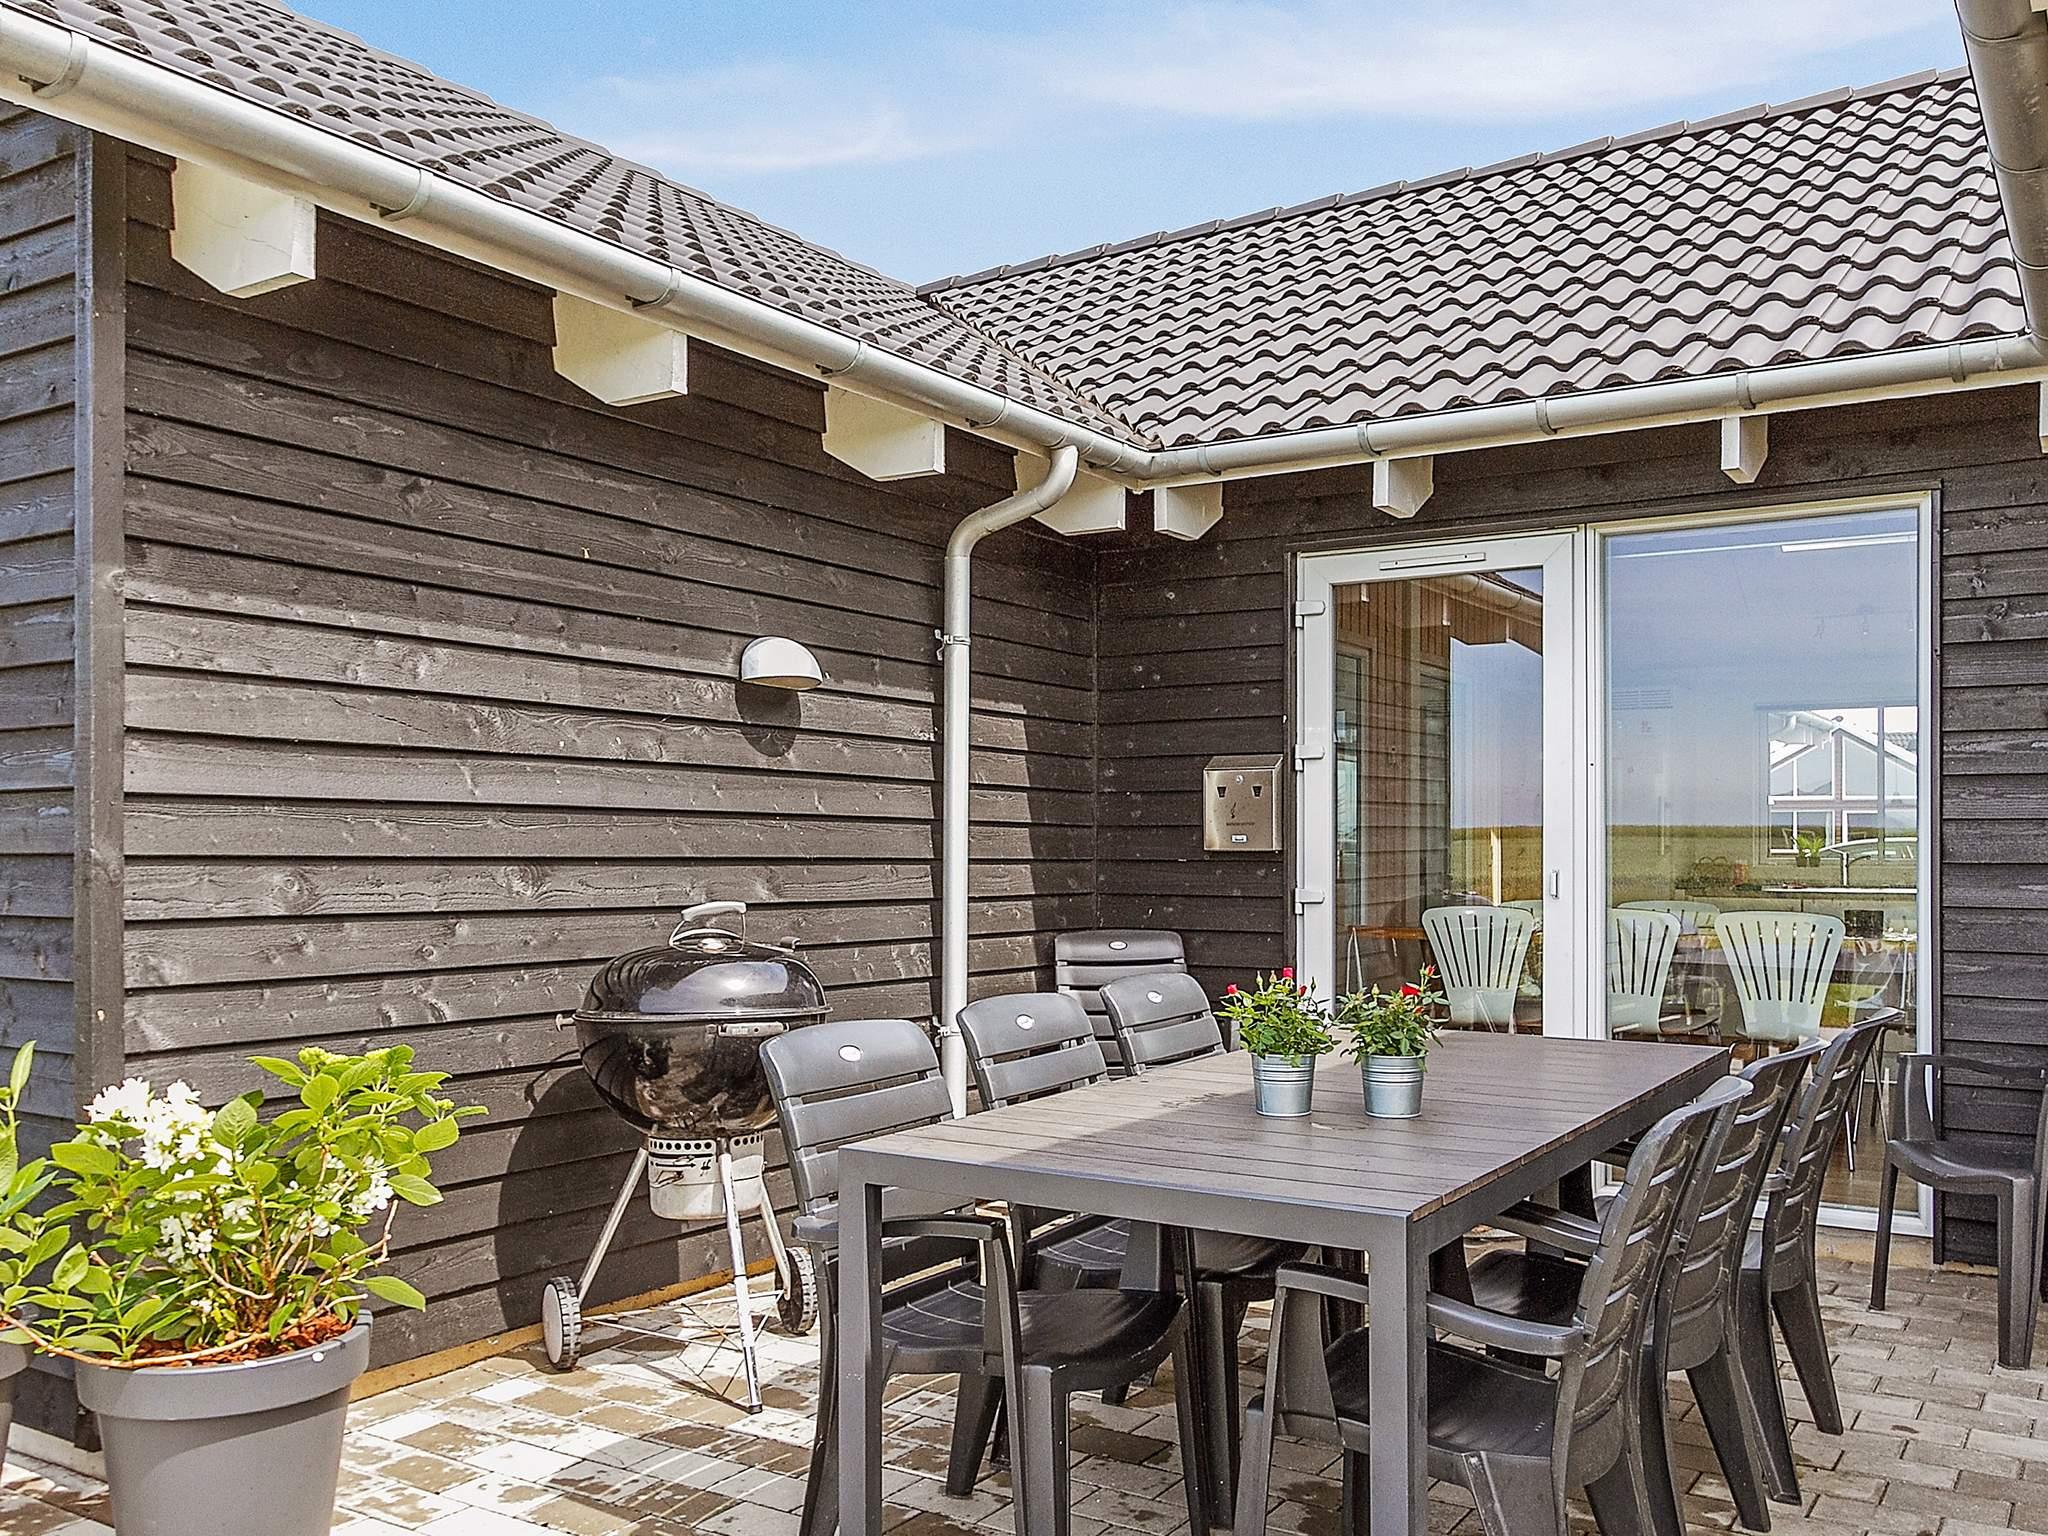 Ferienhaus Skåstrup Strand (921226), Skåstrup, , Fünen, Dänemark, Bild 20